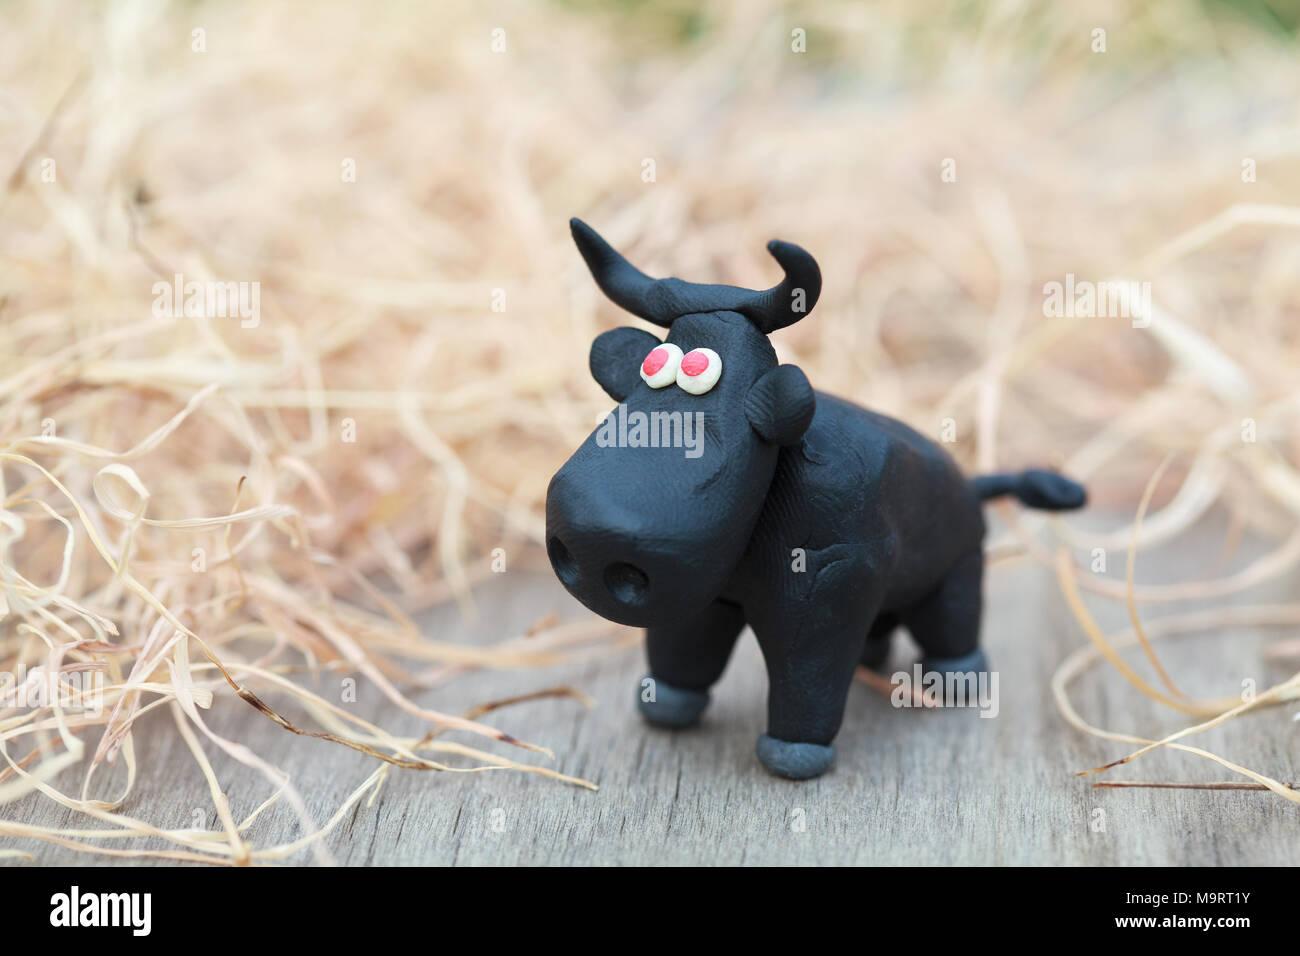 Plastilina world poco in casa toro nero con occhi rossi sorge su